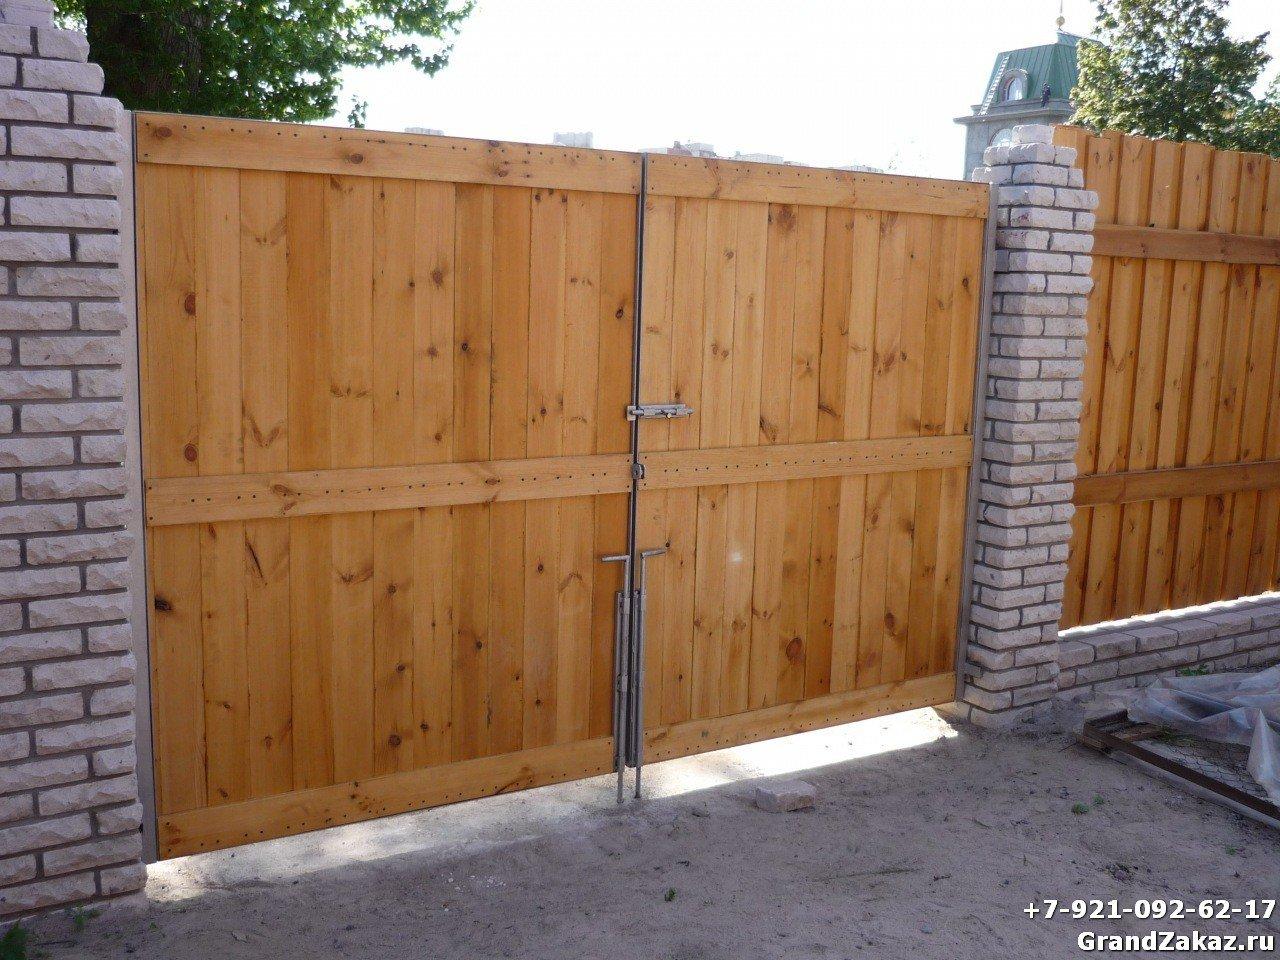 Въездные ворота в частный дом своими руками 83